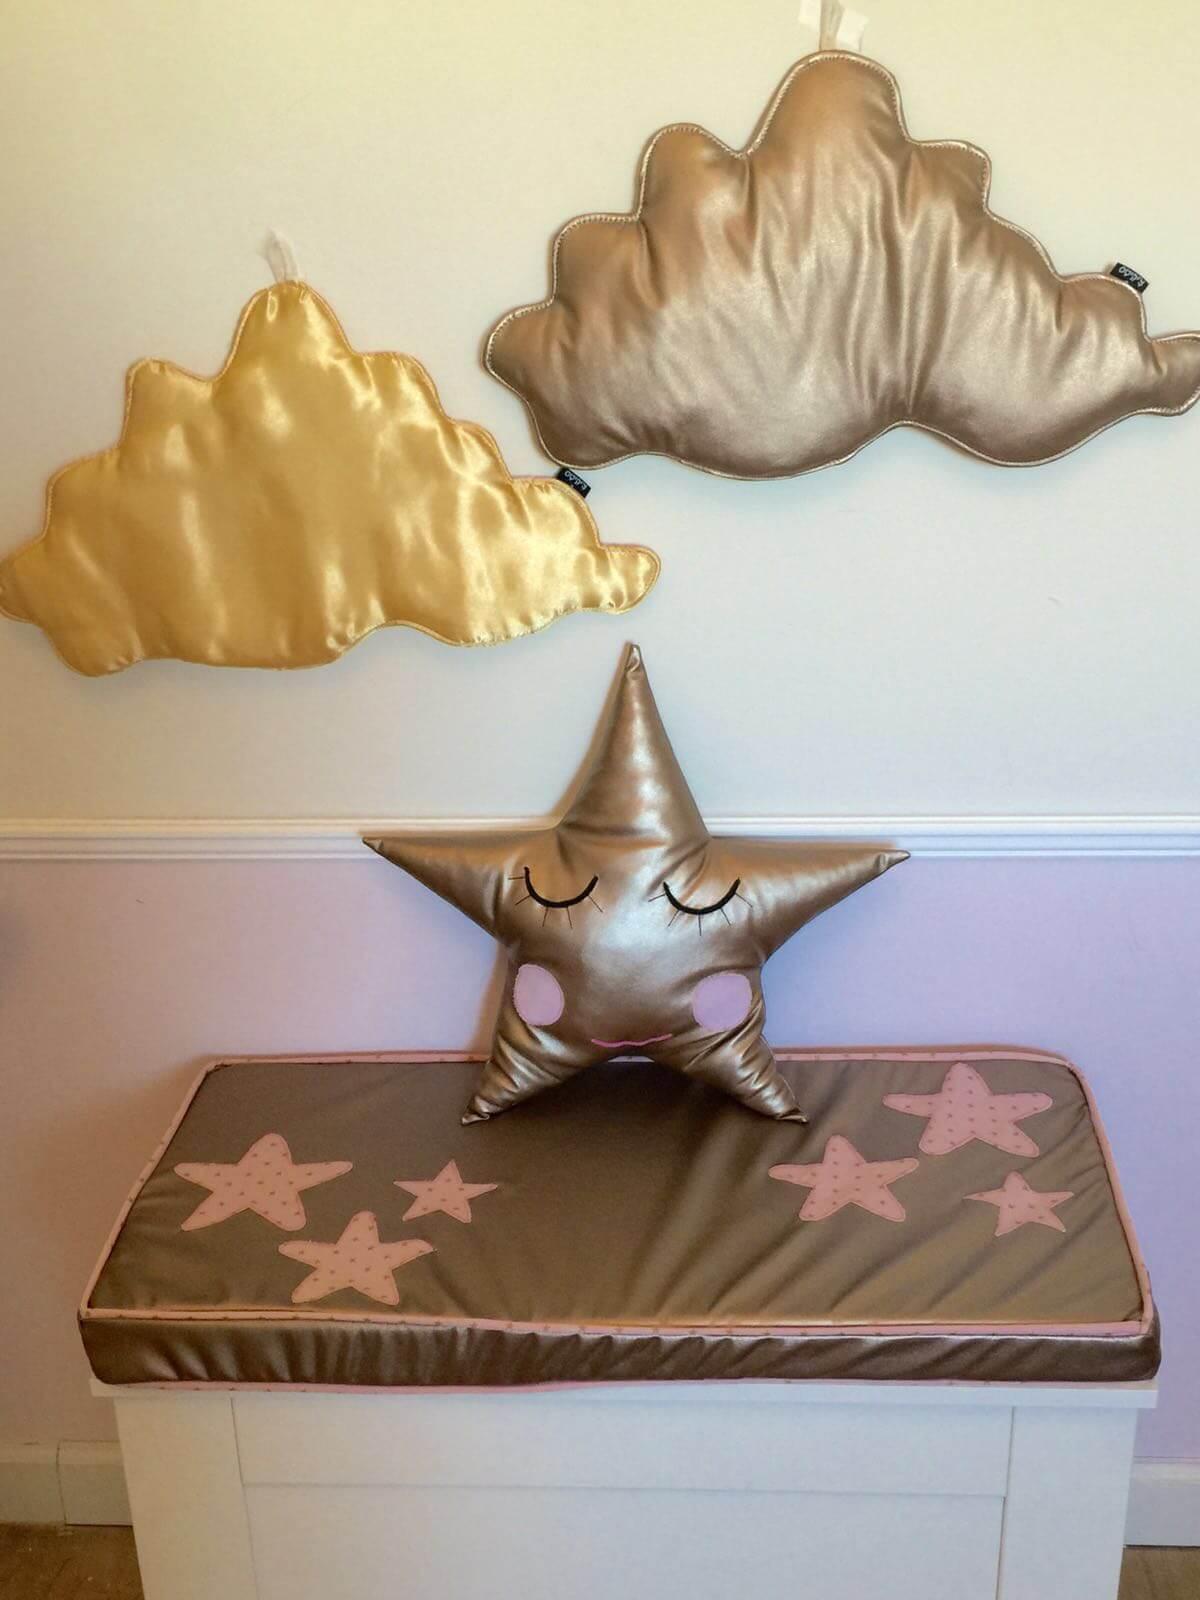 כרית כוכב בצבע זהב כרית בצבע זהב אקססוריז עיצוב חדר ילדים